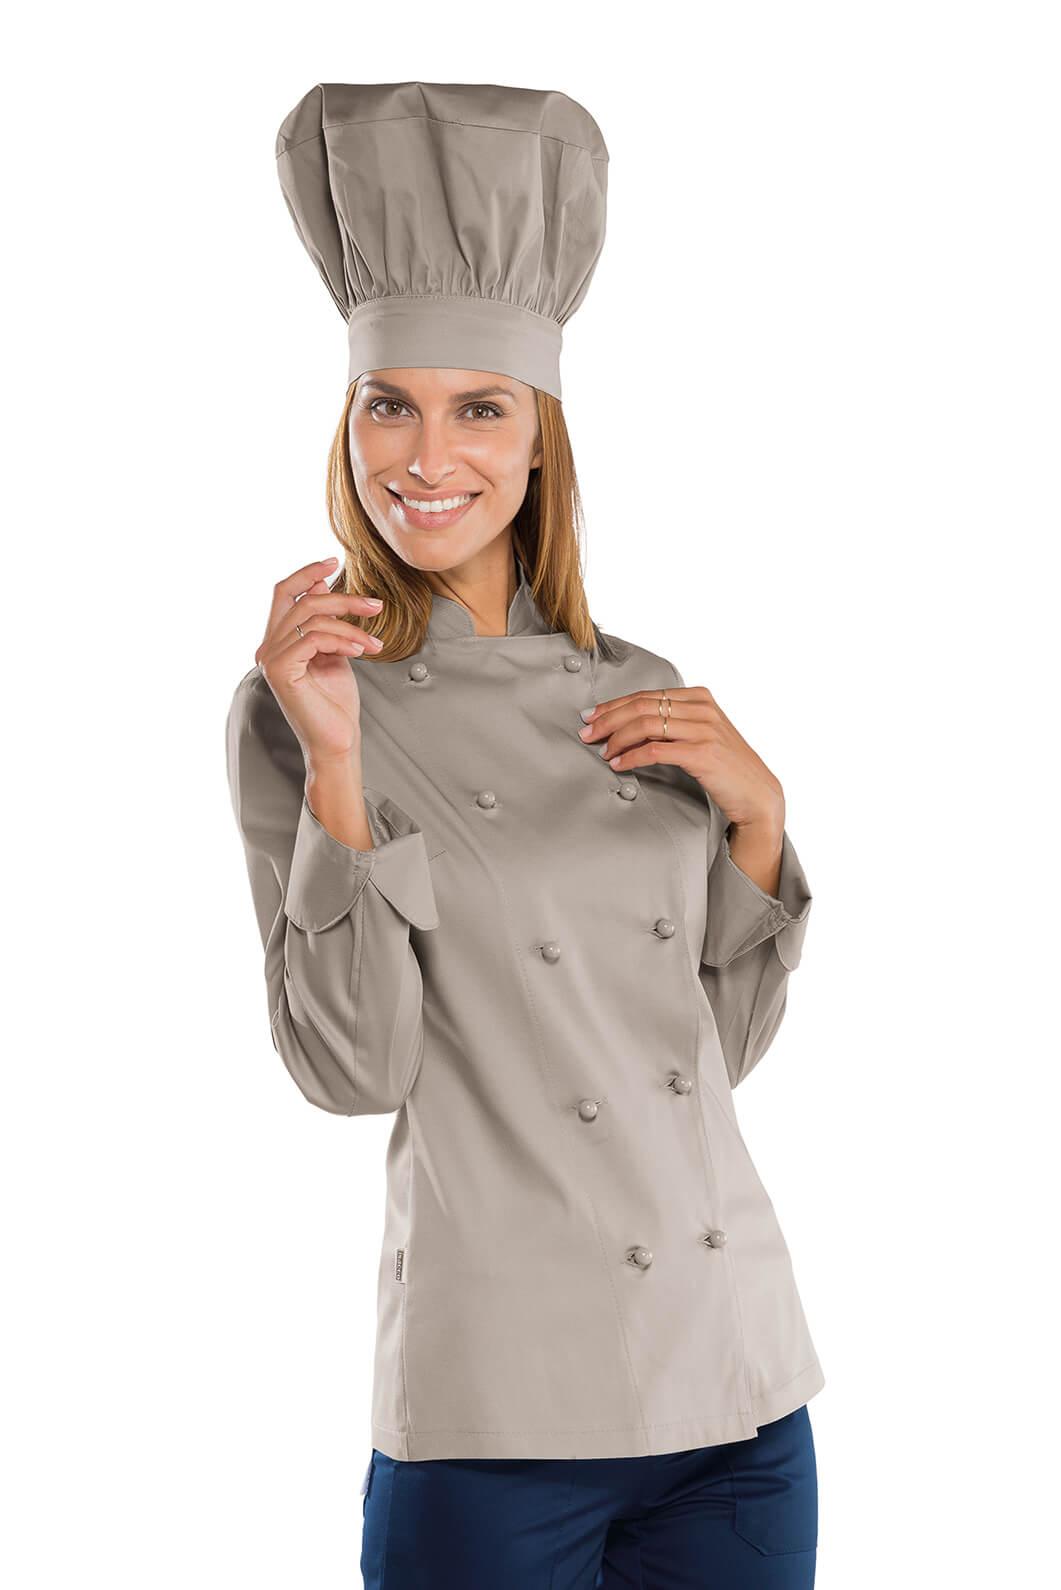 Veste cuisine Lady Chef grise Vêtement de cuisine Mylookpro